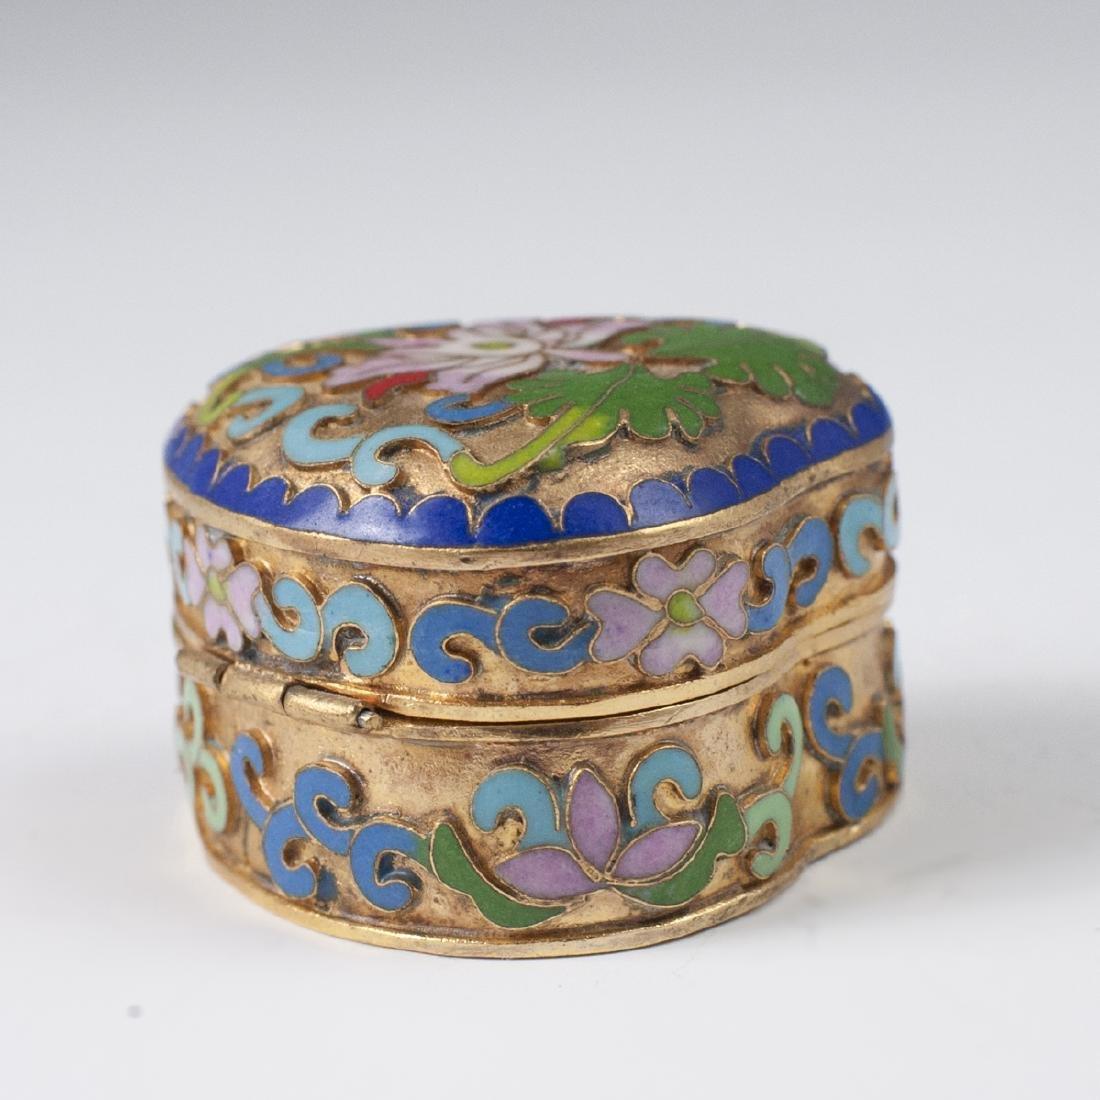 Chinese Cloisonne Enameled Trinket Box - 3